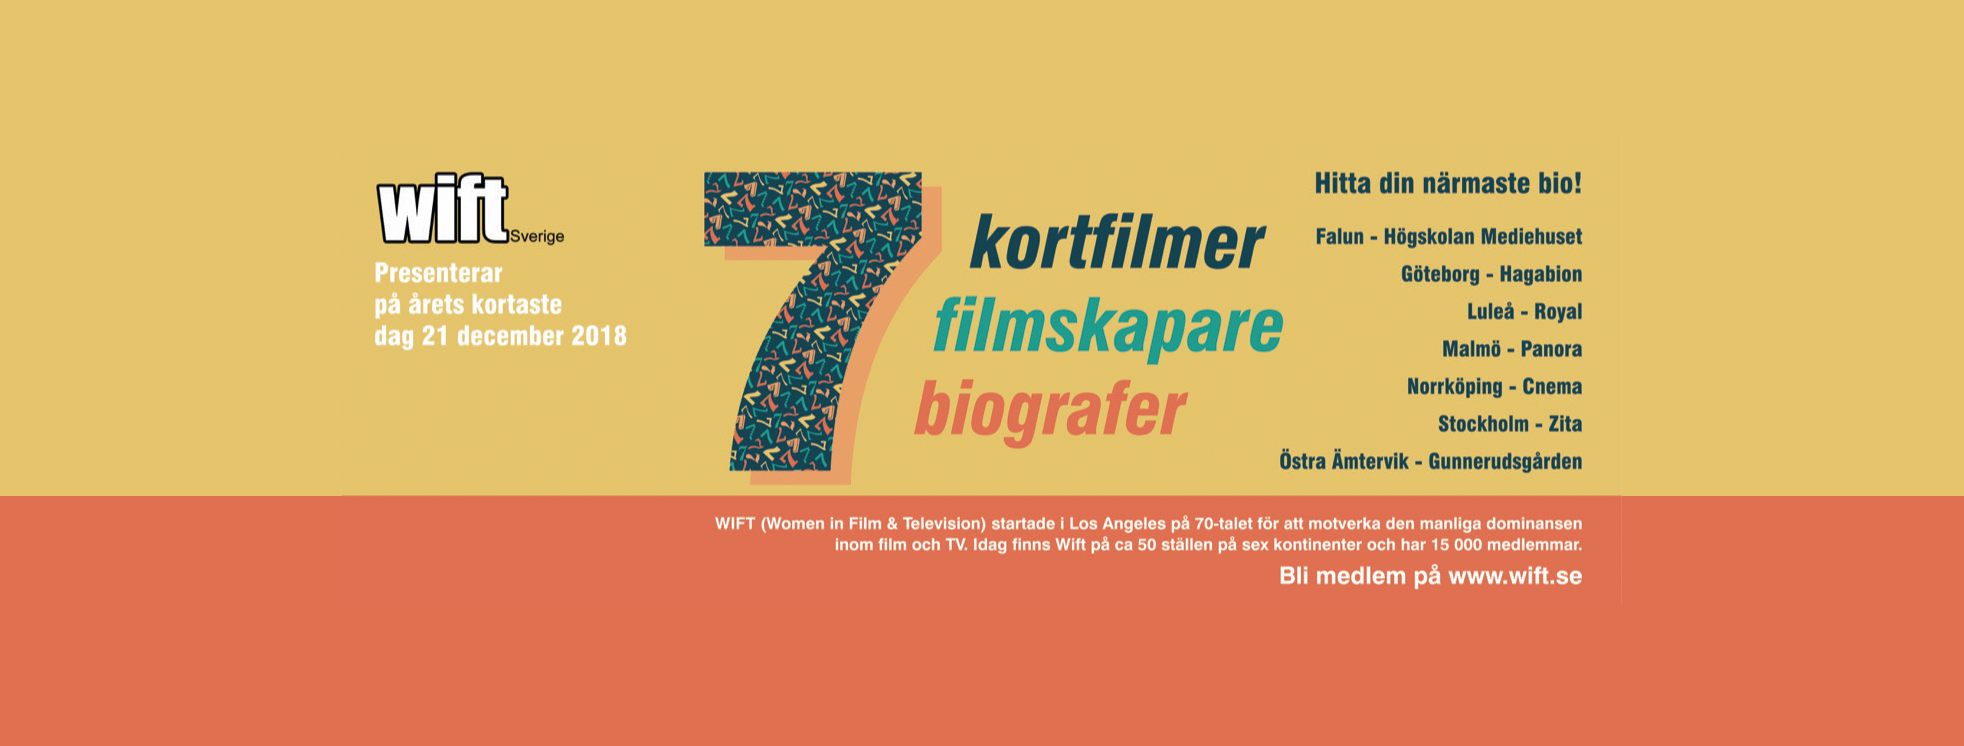 SJUAN - kortfilmsprogram från WIFT Sverige